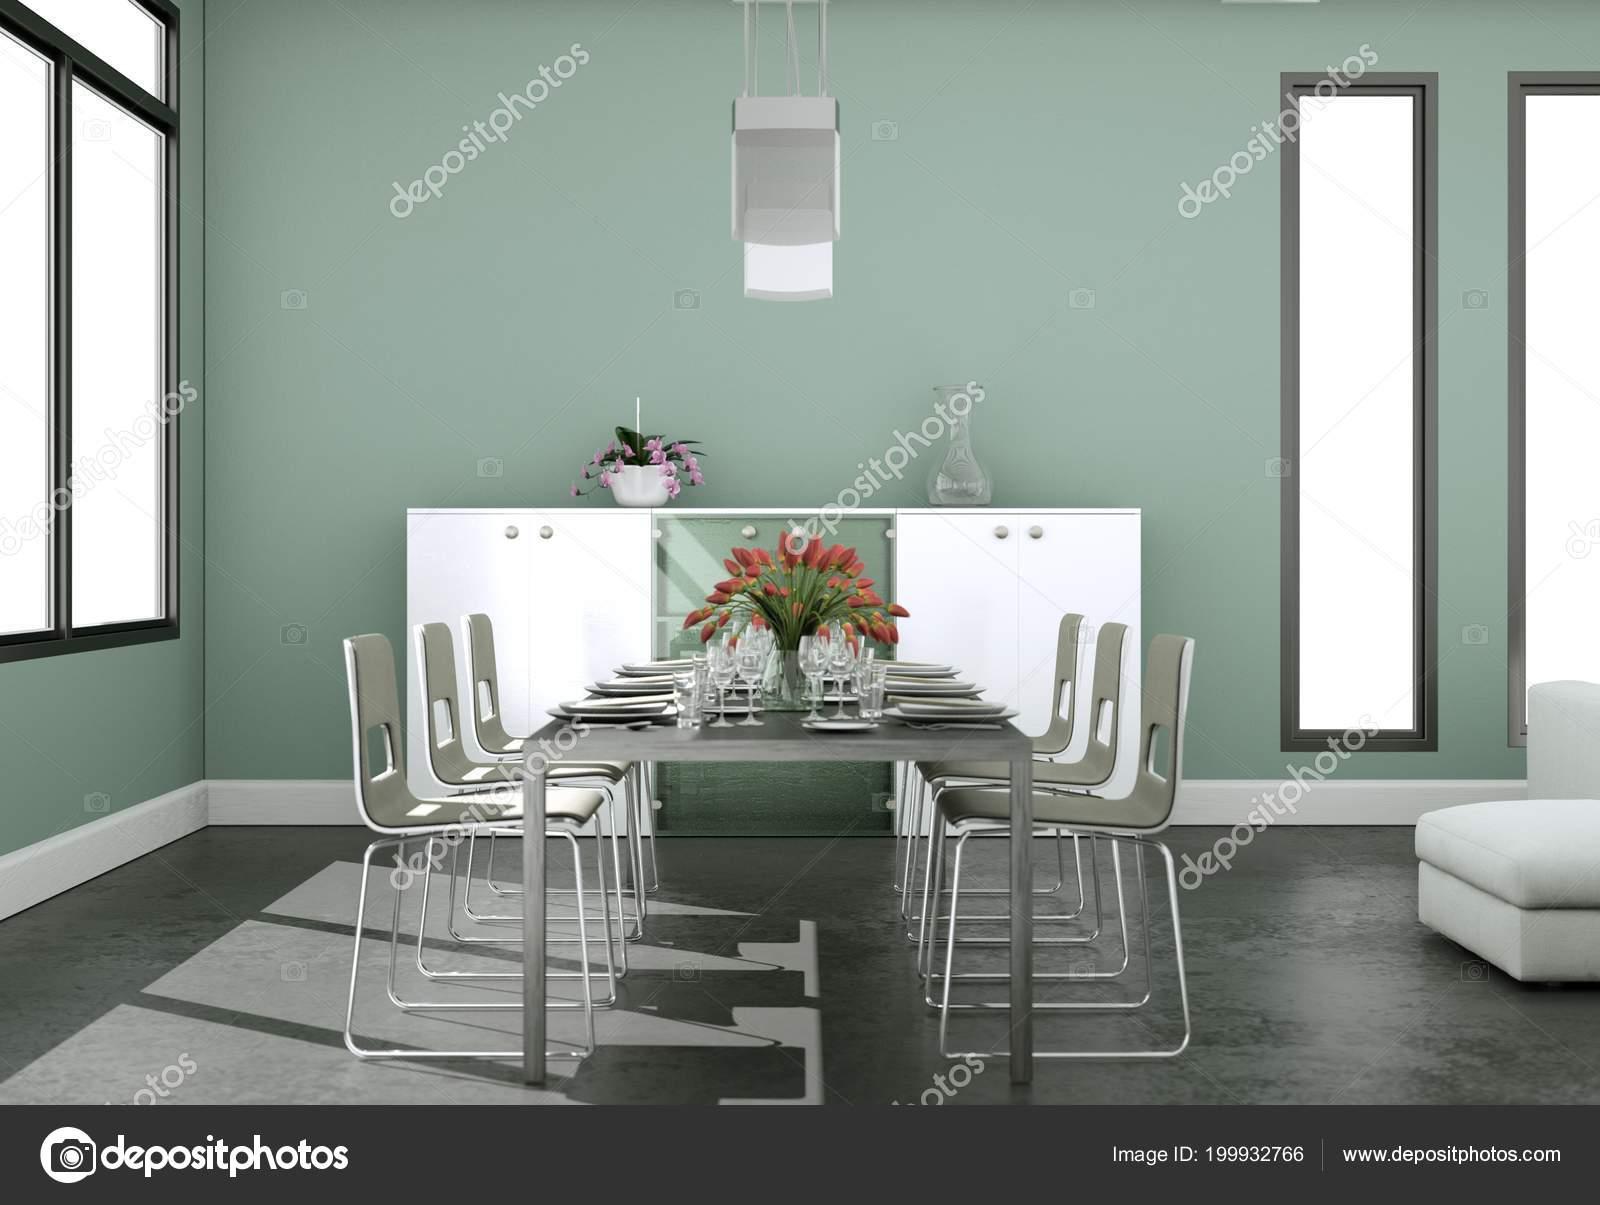 Diseño de interiores sala comedor en loft moderno — Foto de stock ...